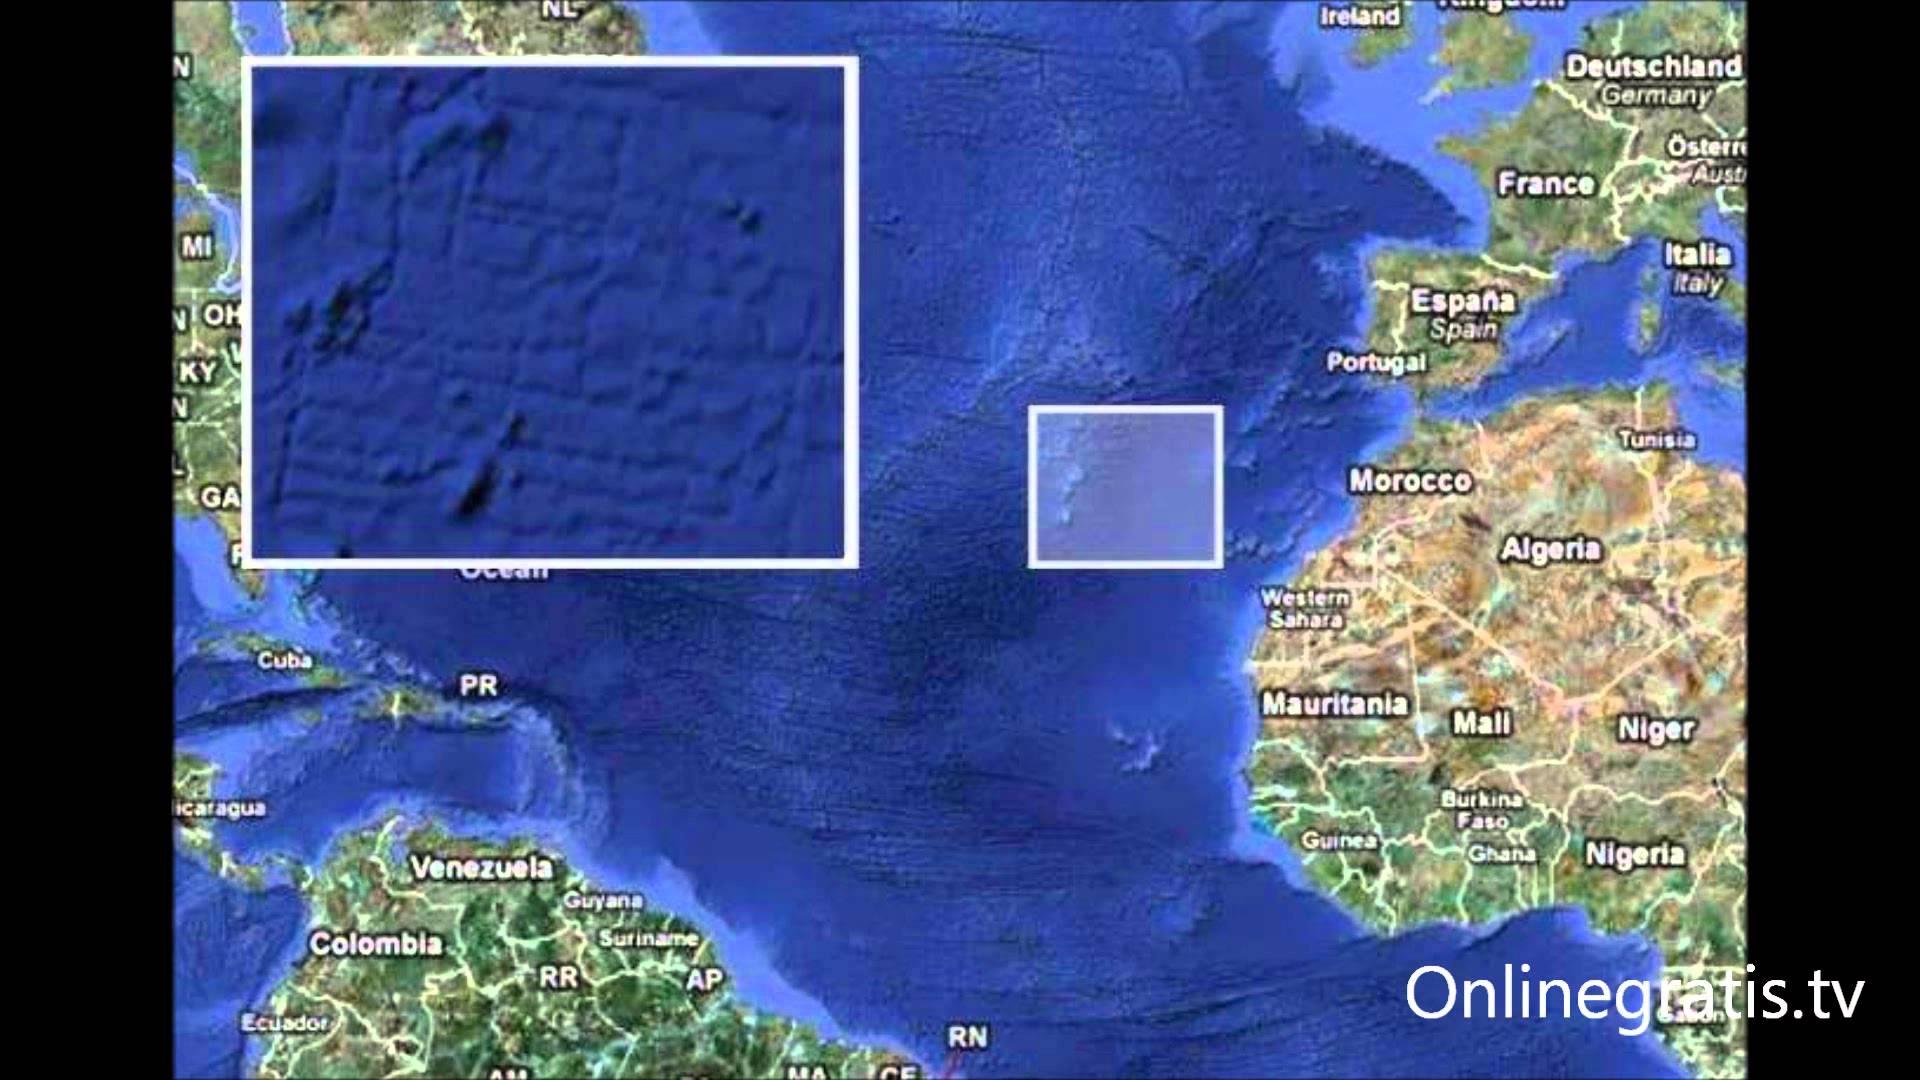 Se encuentra la Atlantida Junto a las Islas Canarias.